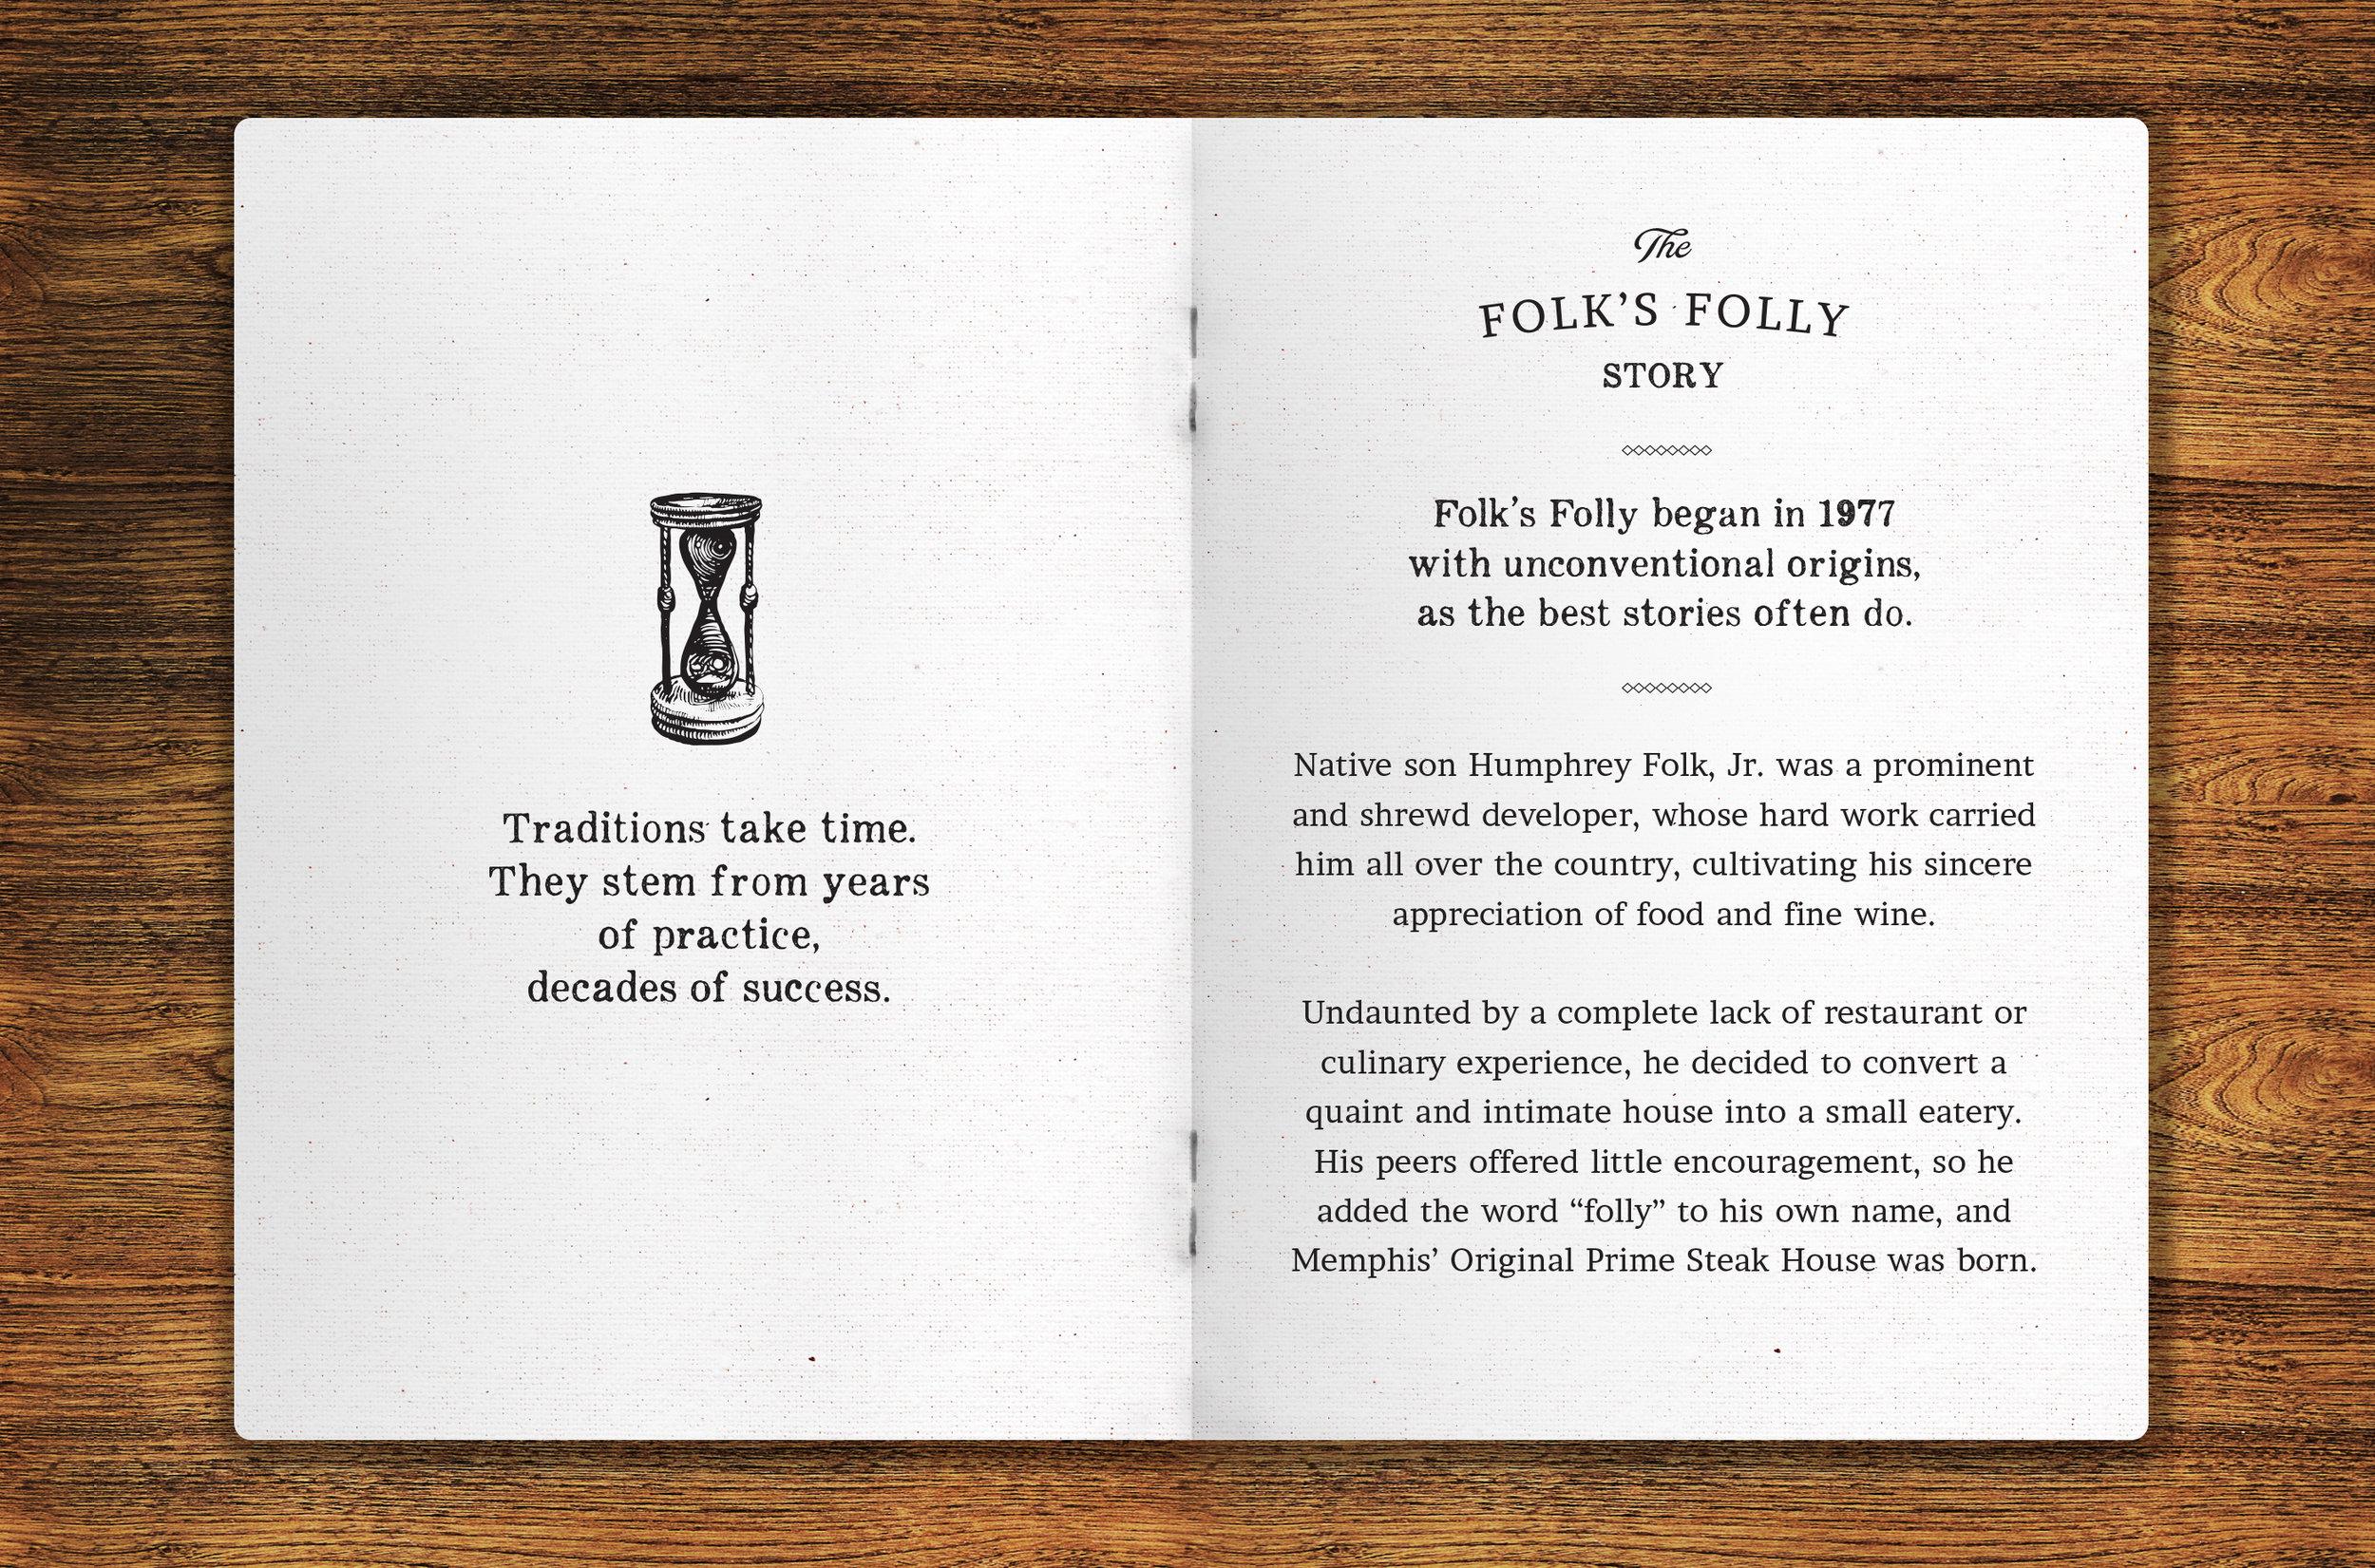 FolksFollyStorySpread.jpg